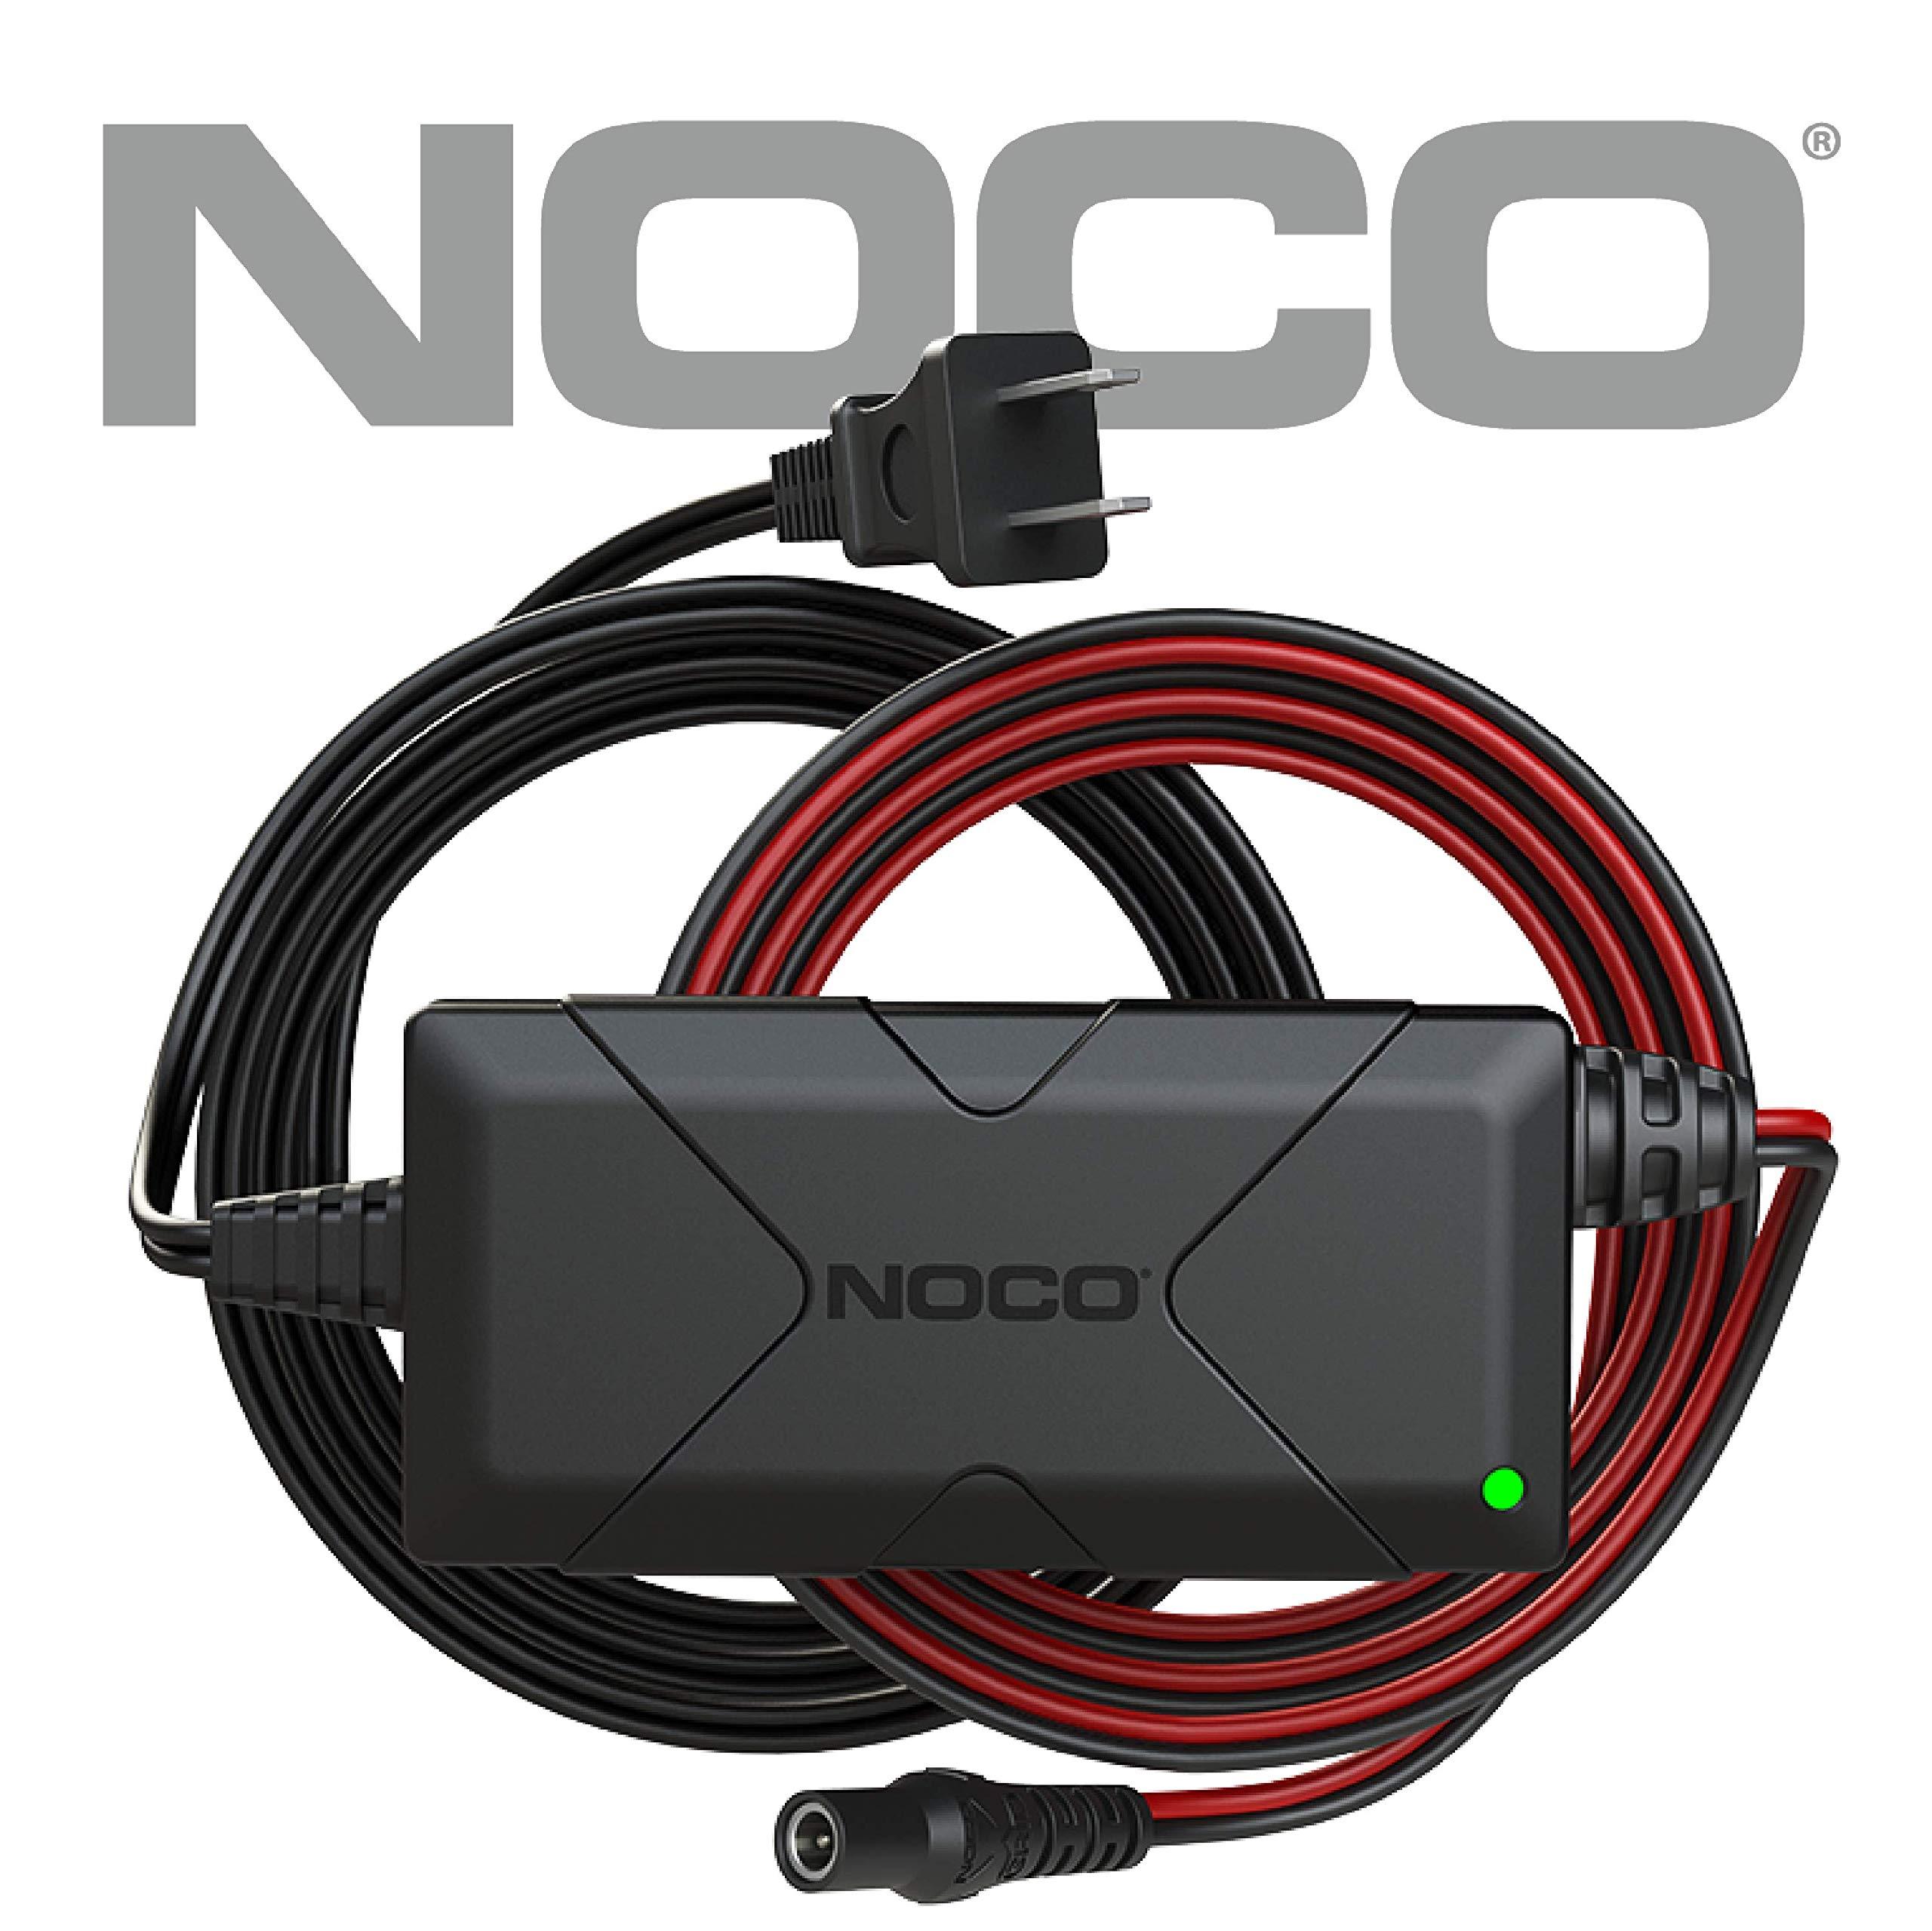 NOCO XGC4 56W XGC Power Adapter by NOCO